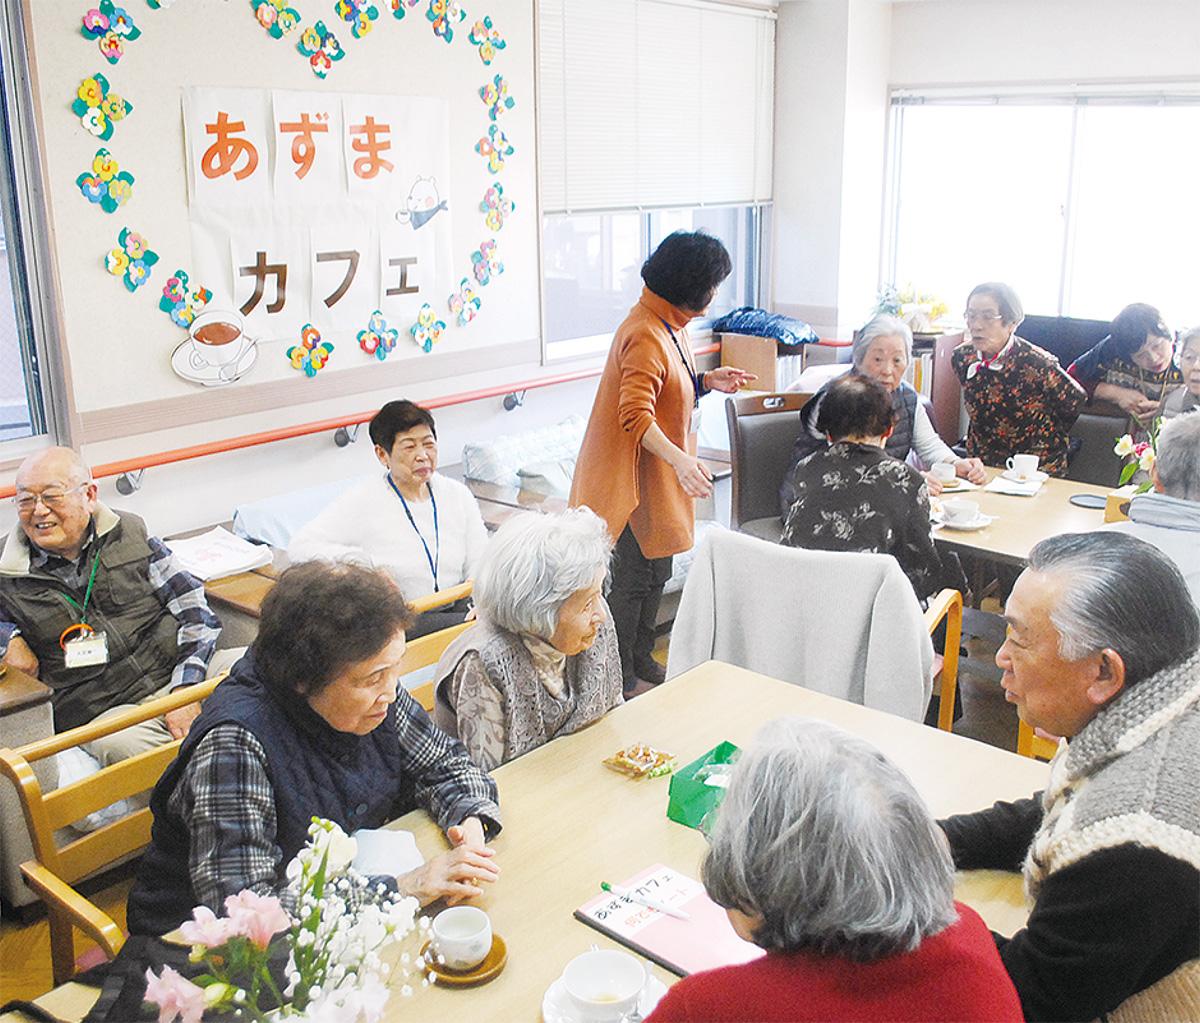 認知症患者から地域のボランティアまでさまざまな人が集う